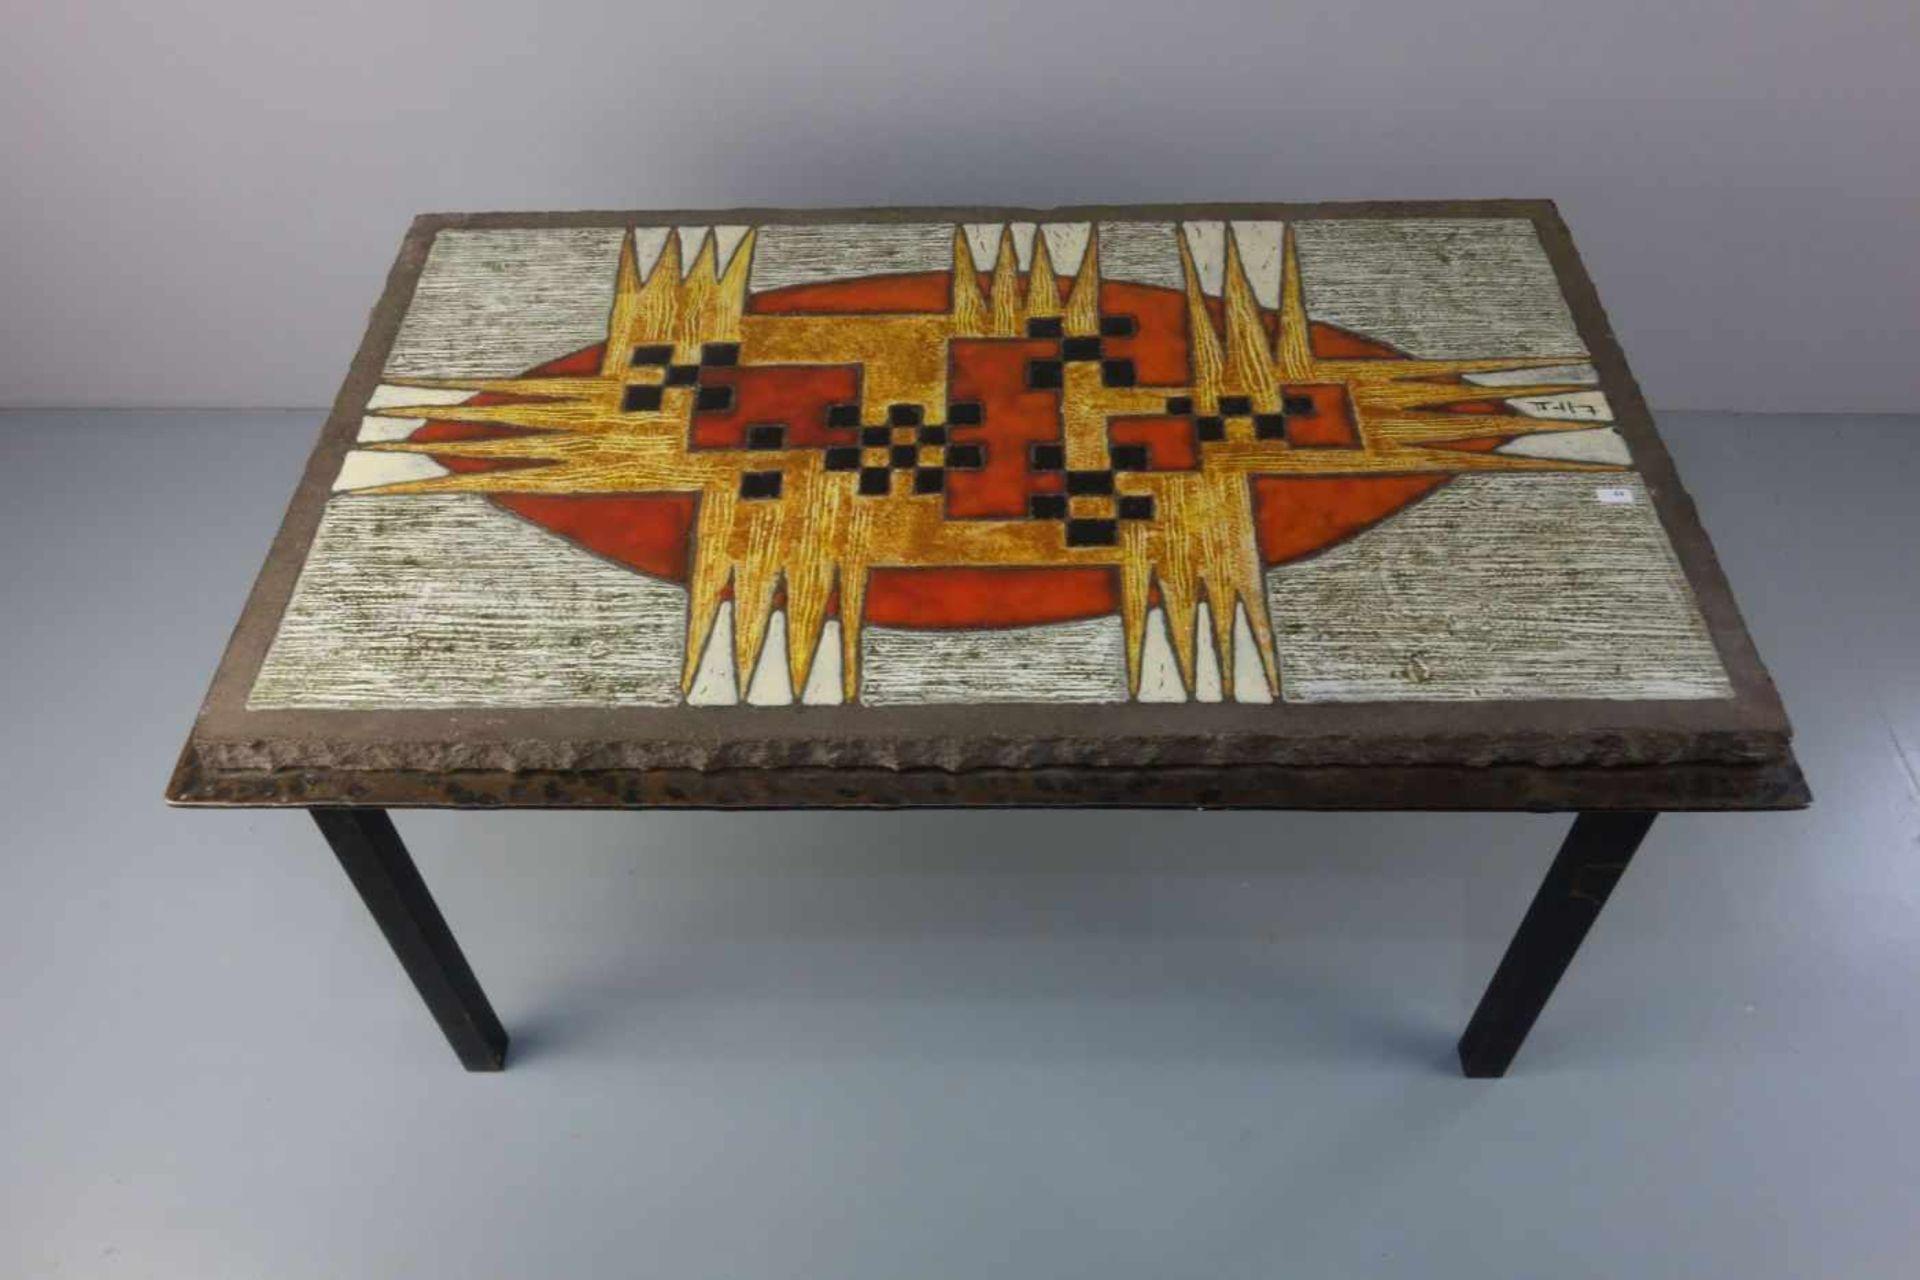 Los 435 - JAFFEUX, JEAN (1931-2015, Maler, Aquarellist und Keramiker), Tisch mit abstrahierter Landschaft /...